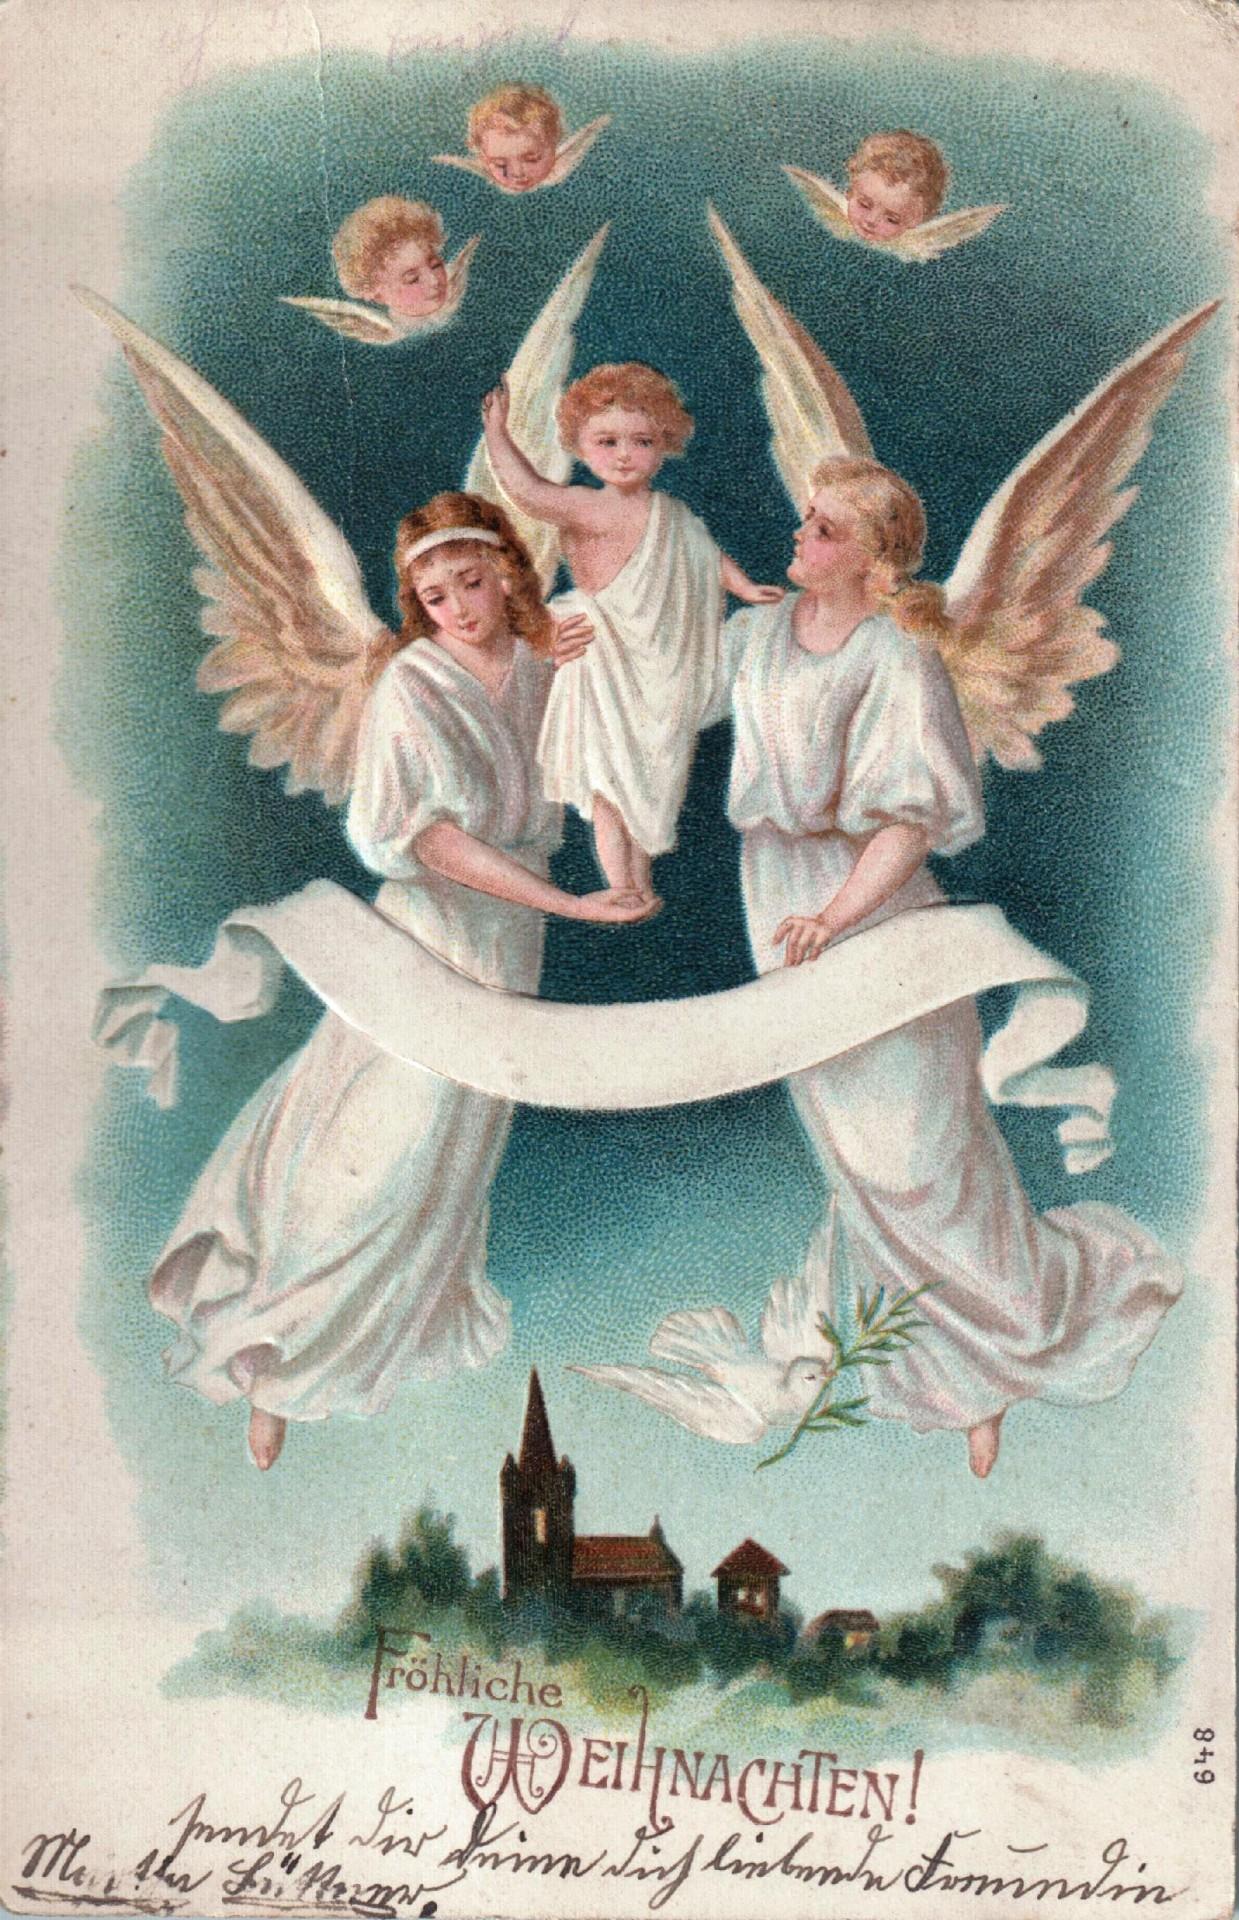 Niezwykła pocztówka [ARCHIWALNE KARTY - GALERIA] 17